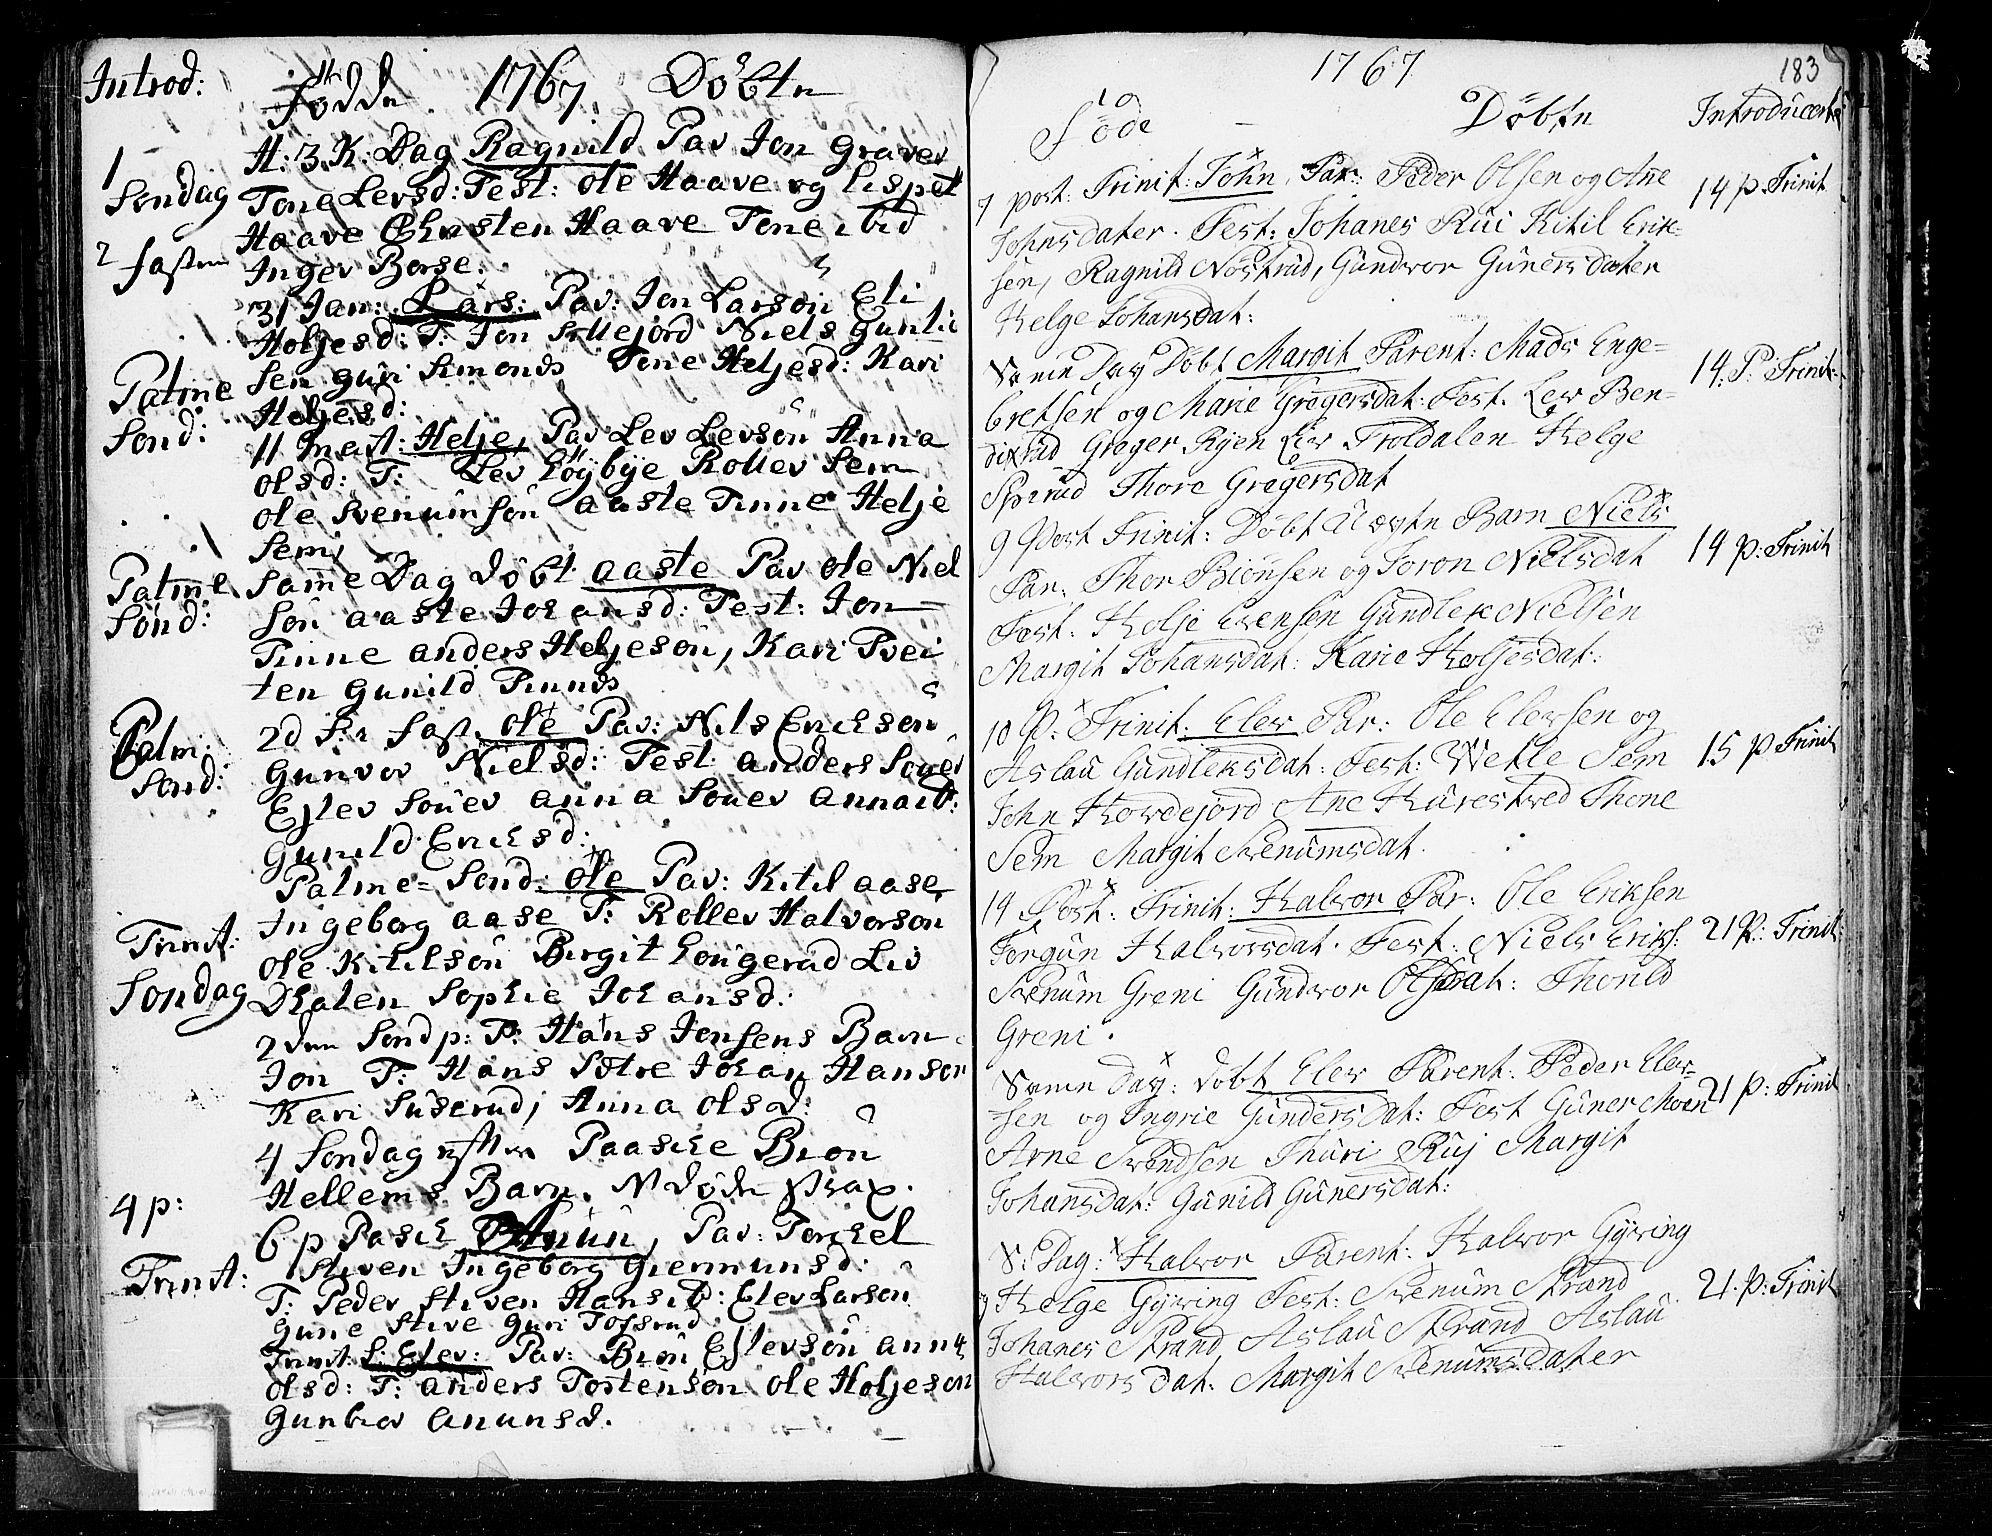 SAKO, Heddal kirkebøker, F/Fa/L0003: Ministerialbok nr. I 3, 1723-1783, s. 183